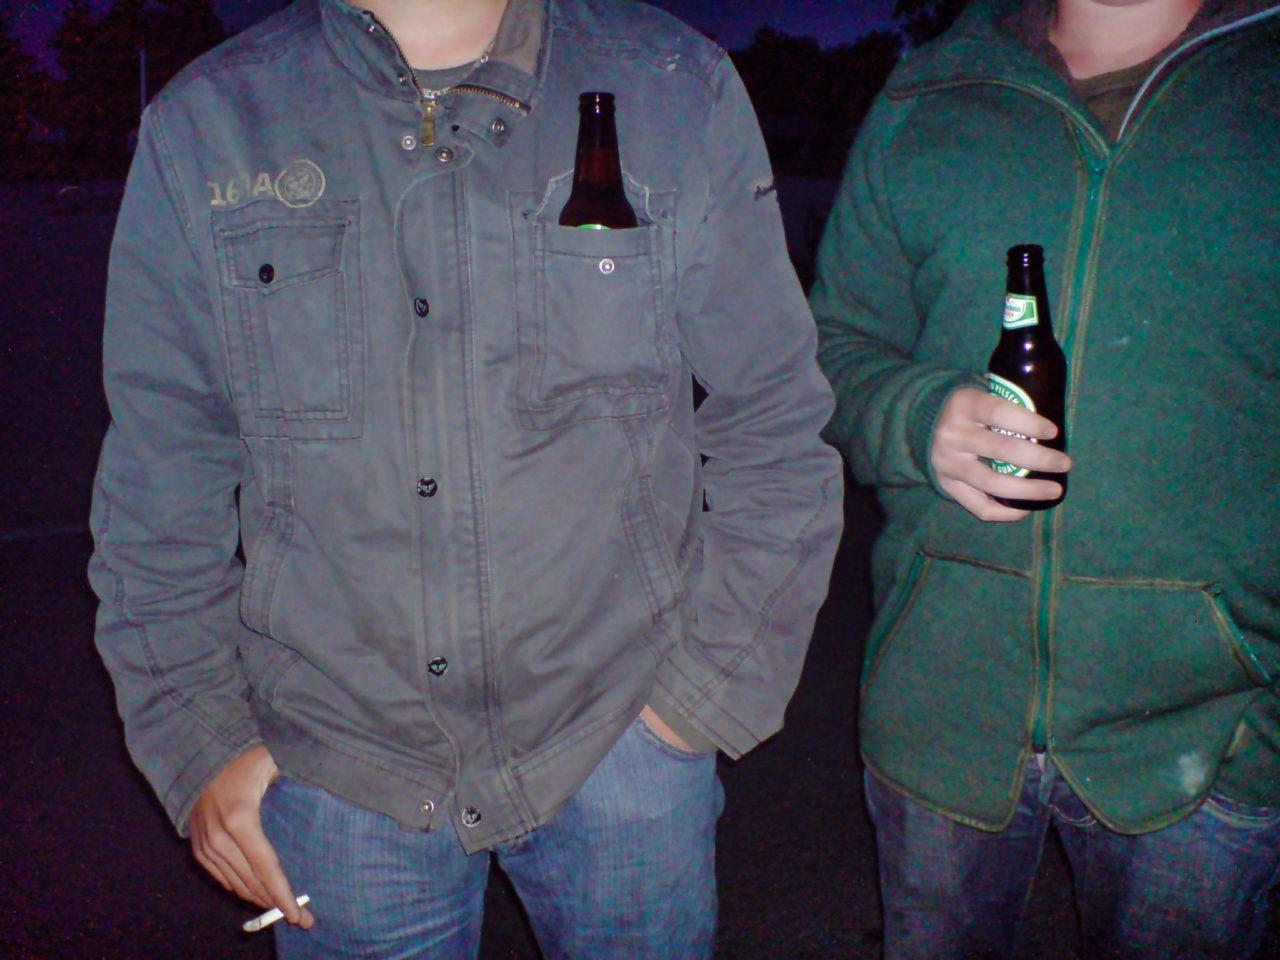 De boeren weten prima waar ze even hun biertje laten als ze een sigaretje roken